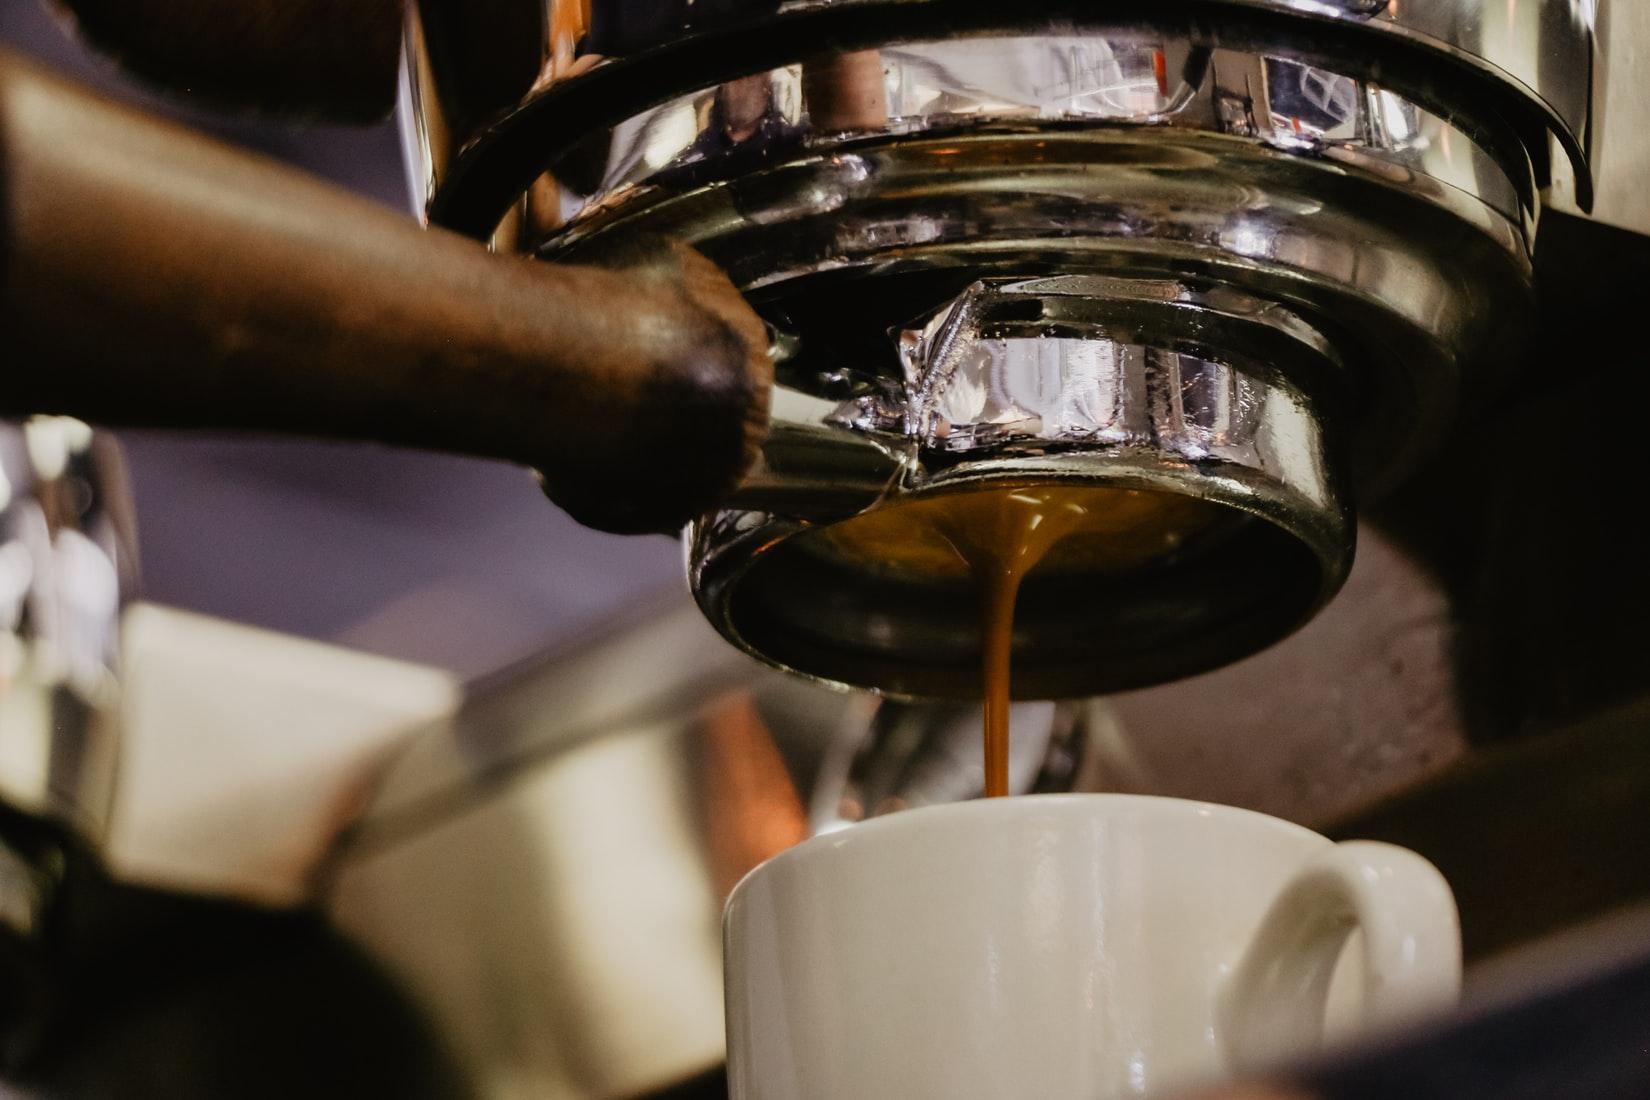 atipico_blog_hu_espresso.jpg